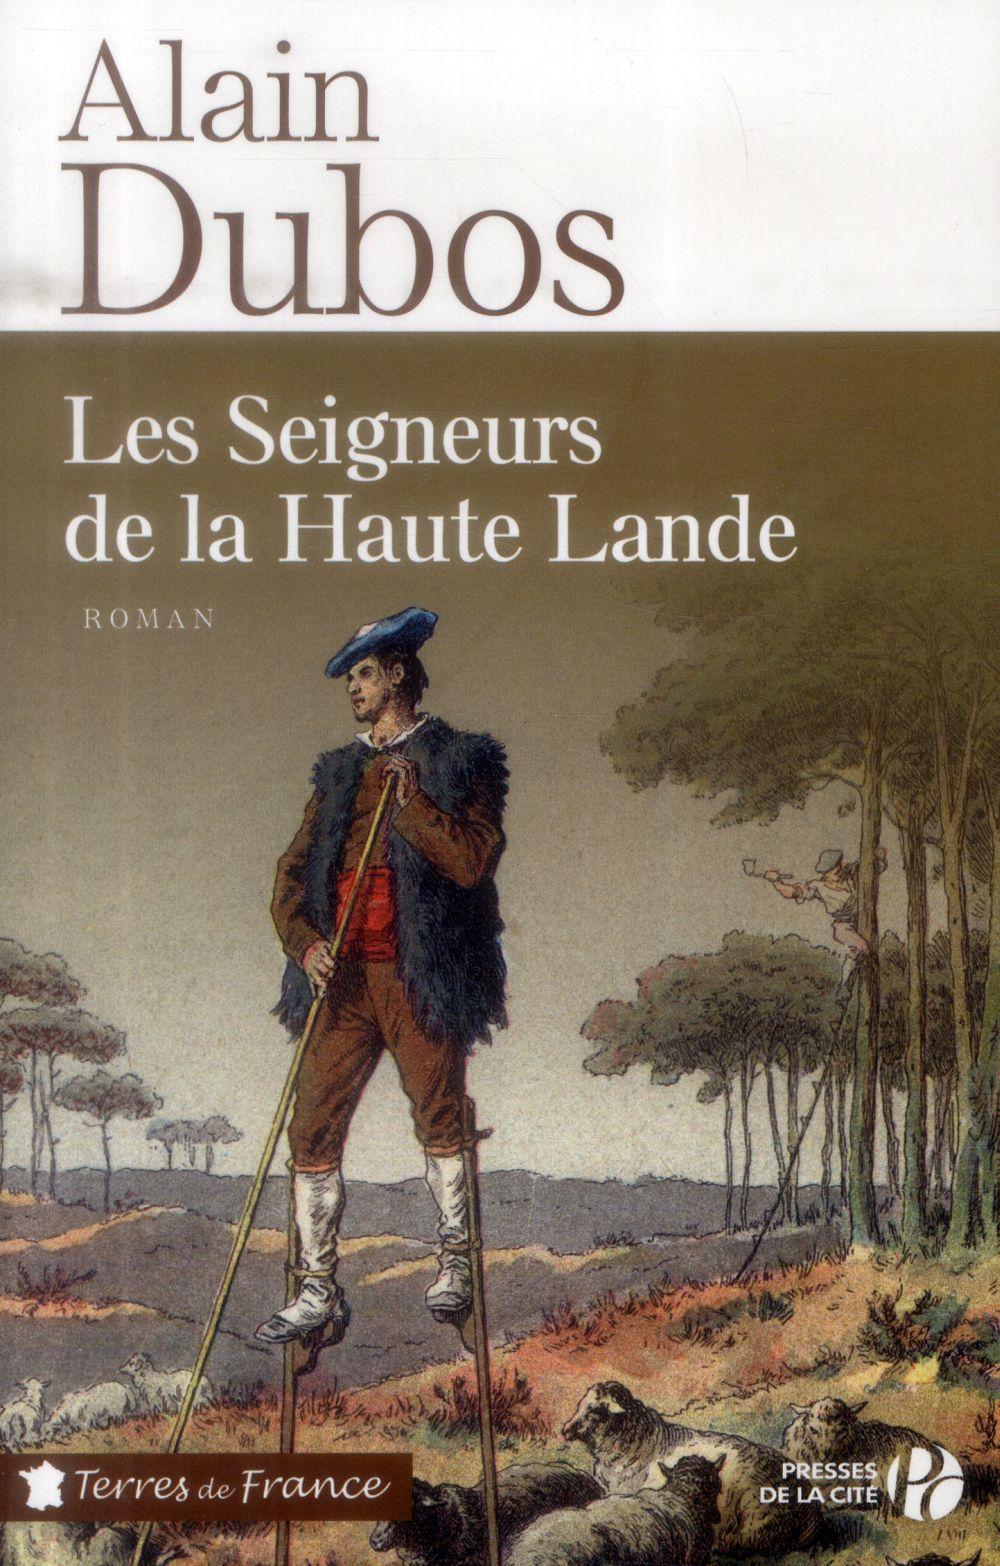 LES SEIGNEURS DE LA HAUTE LANDE